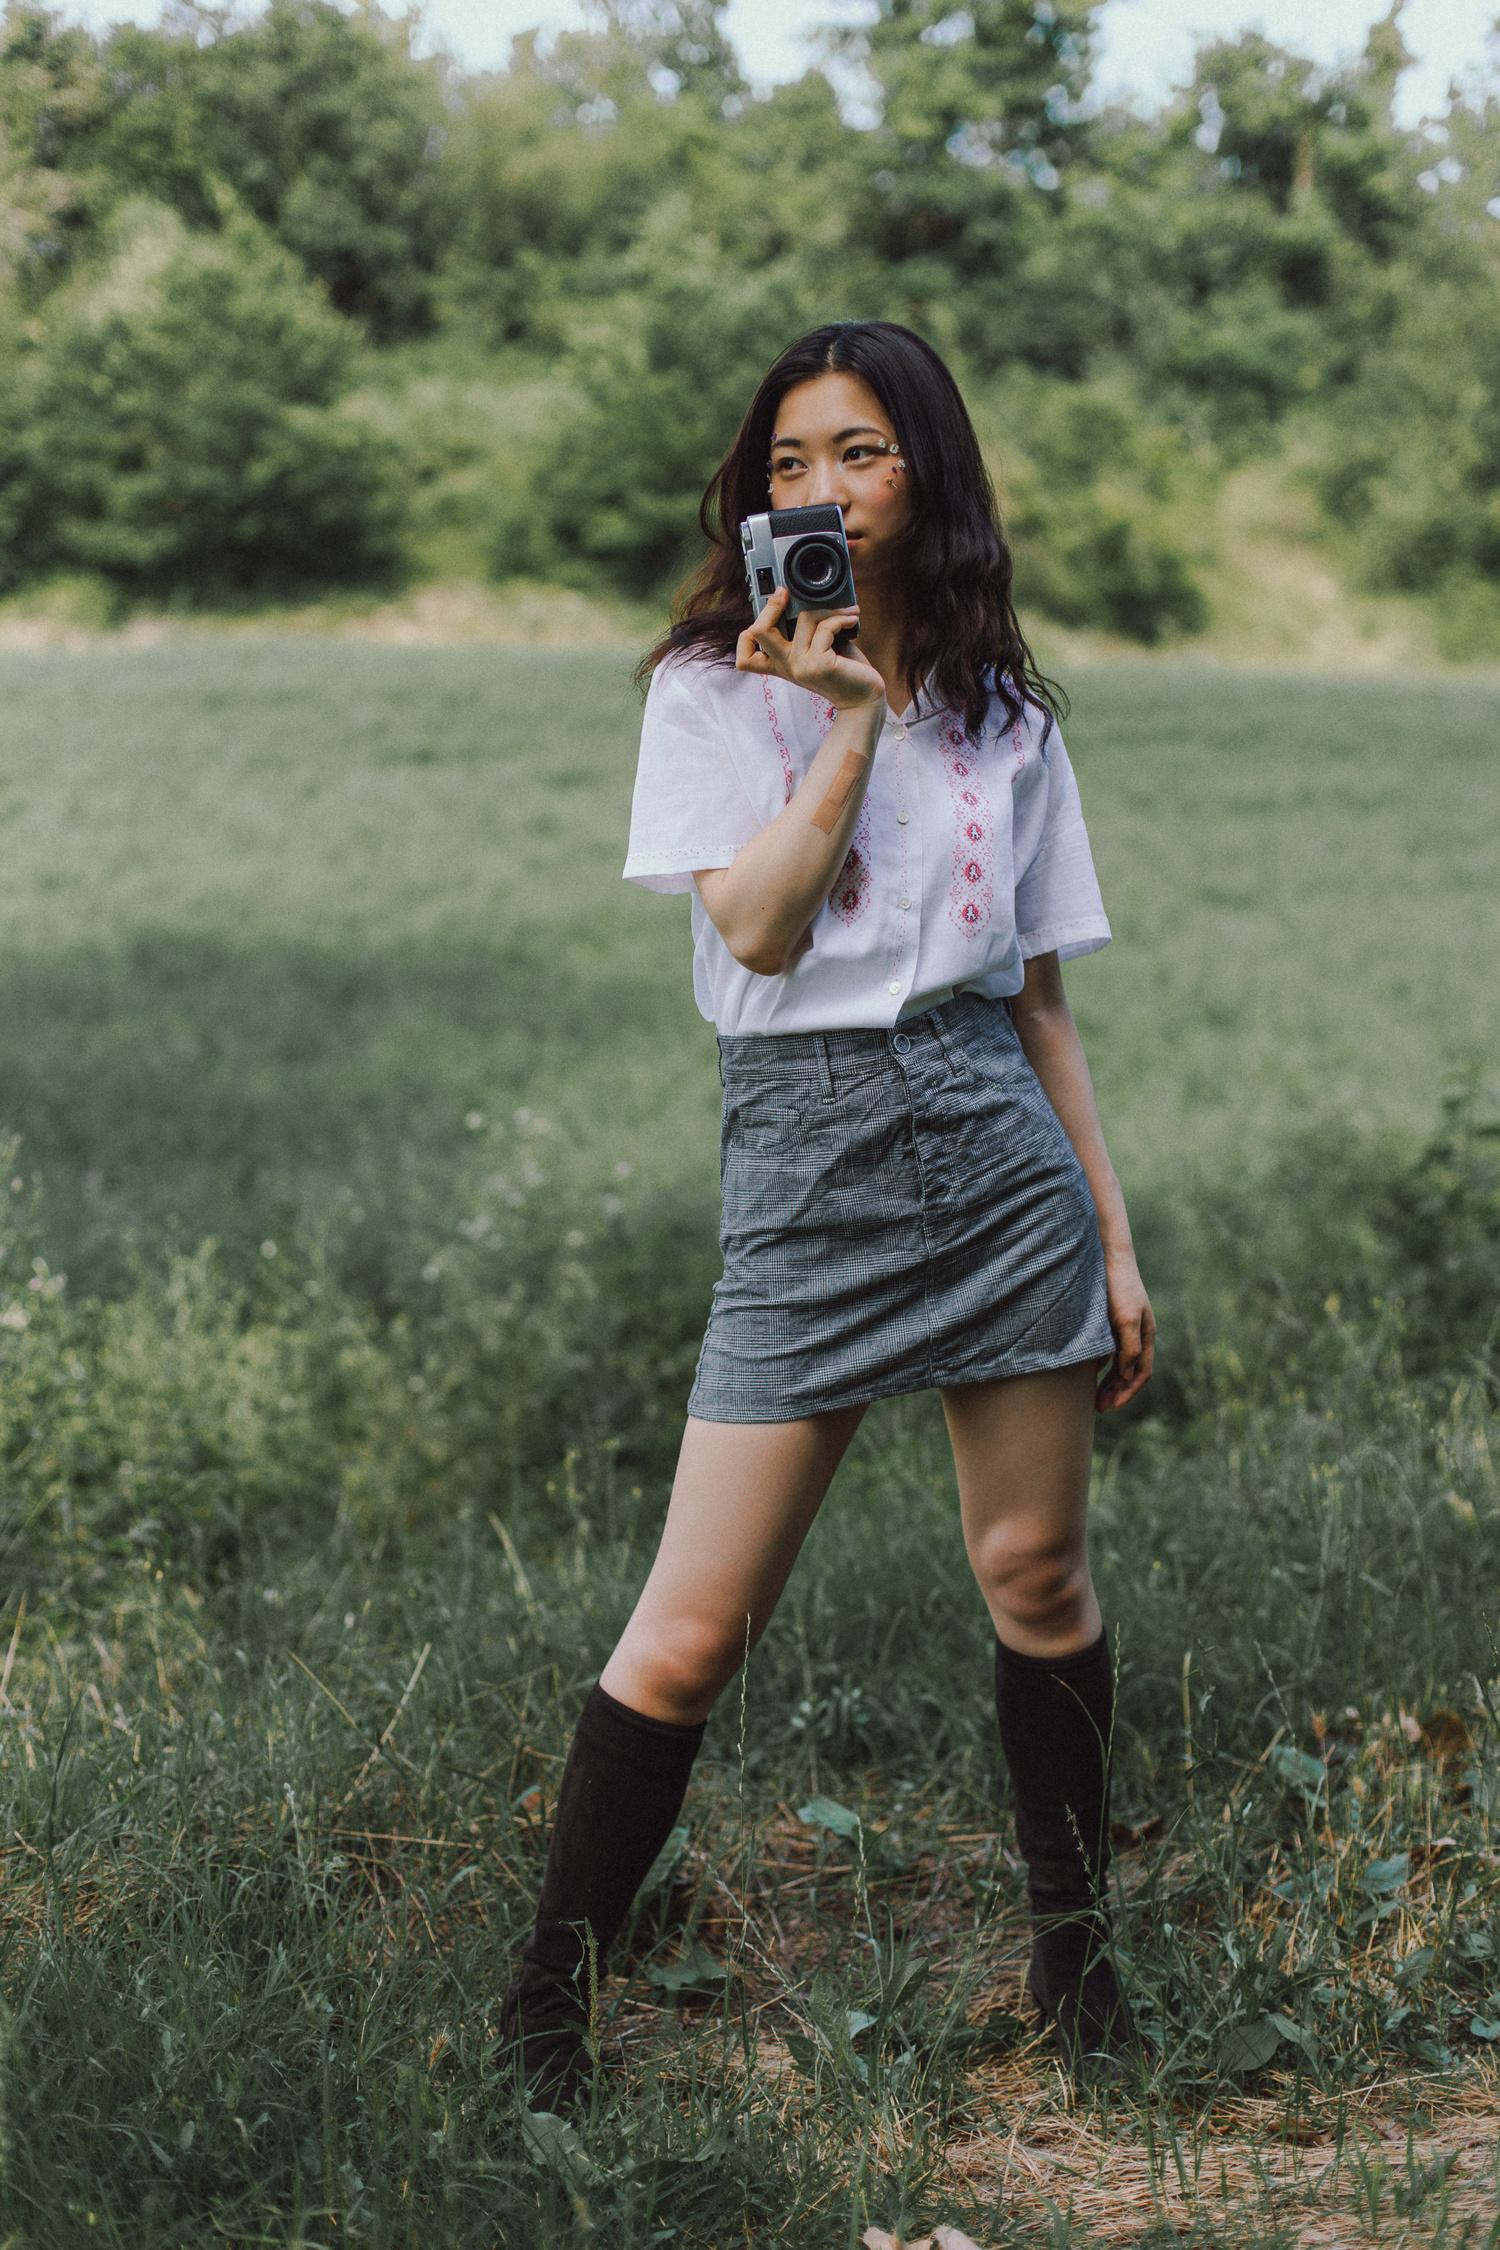 Ritratto di ragazza in piedi con macchina fotografica, gonna, camicia e fiori, anni '60